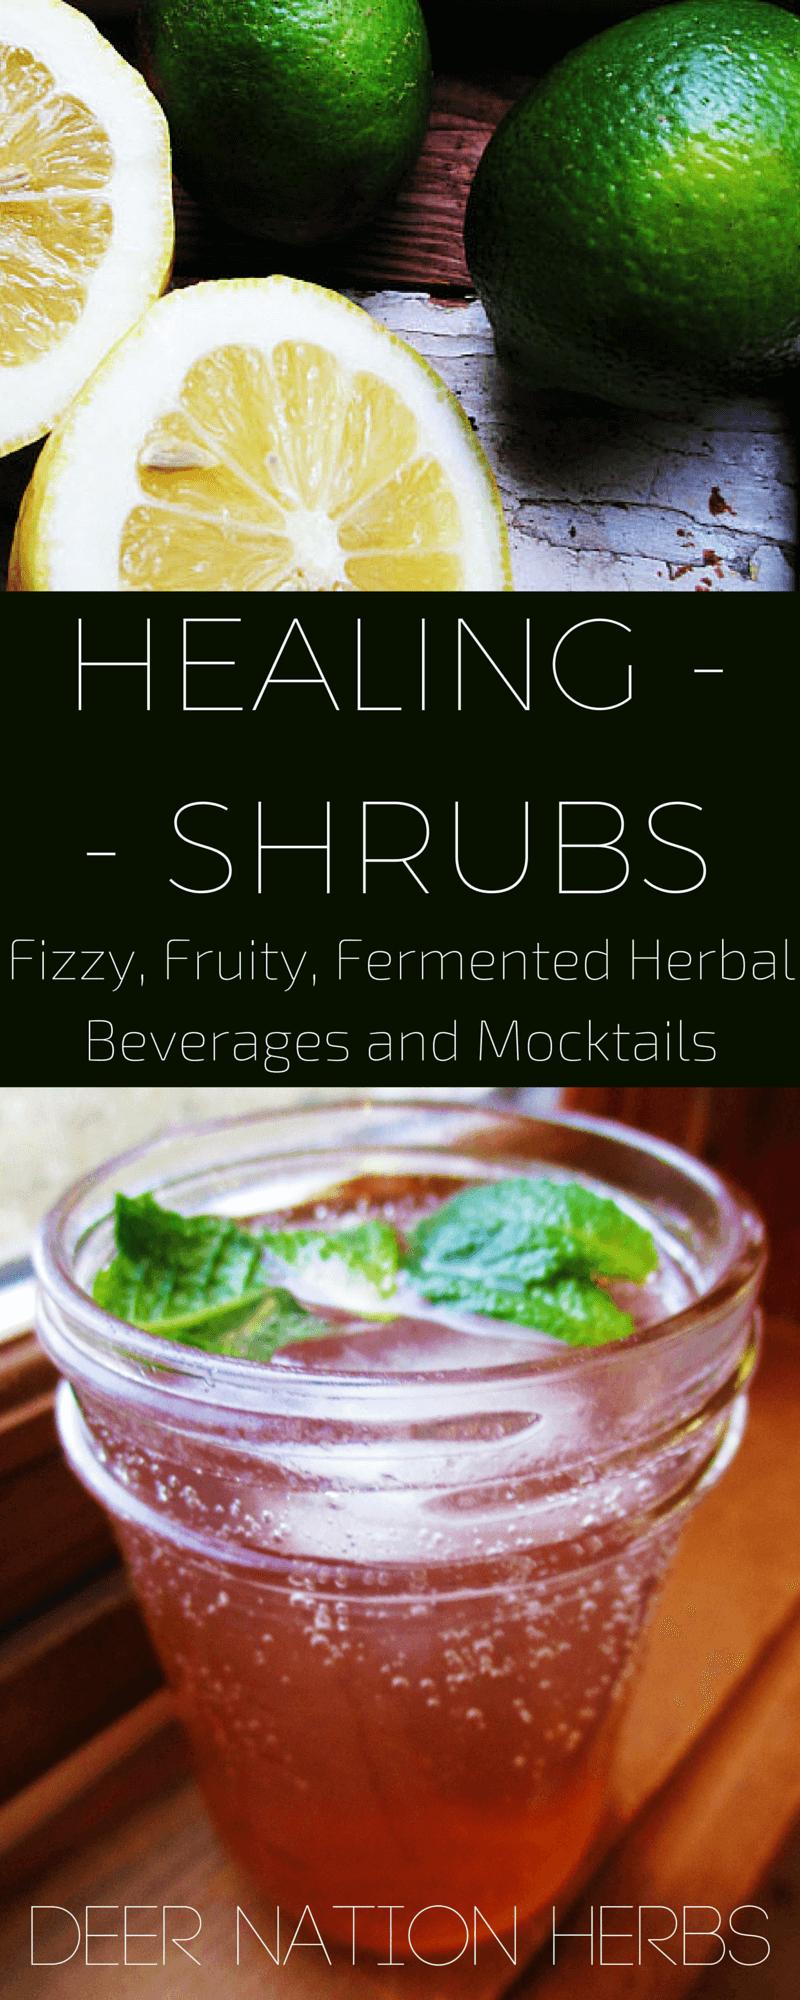 Healing Shrubs